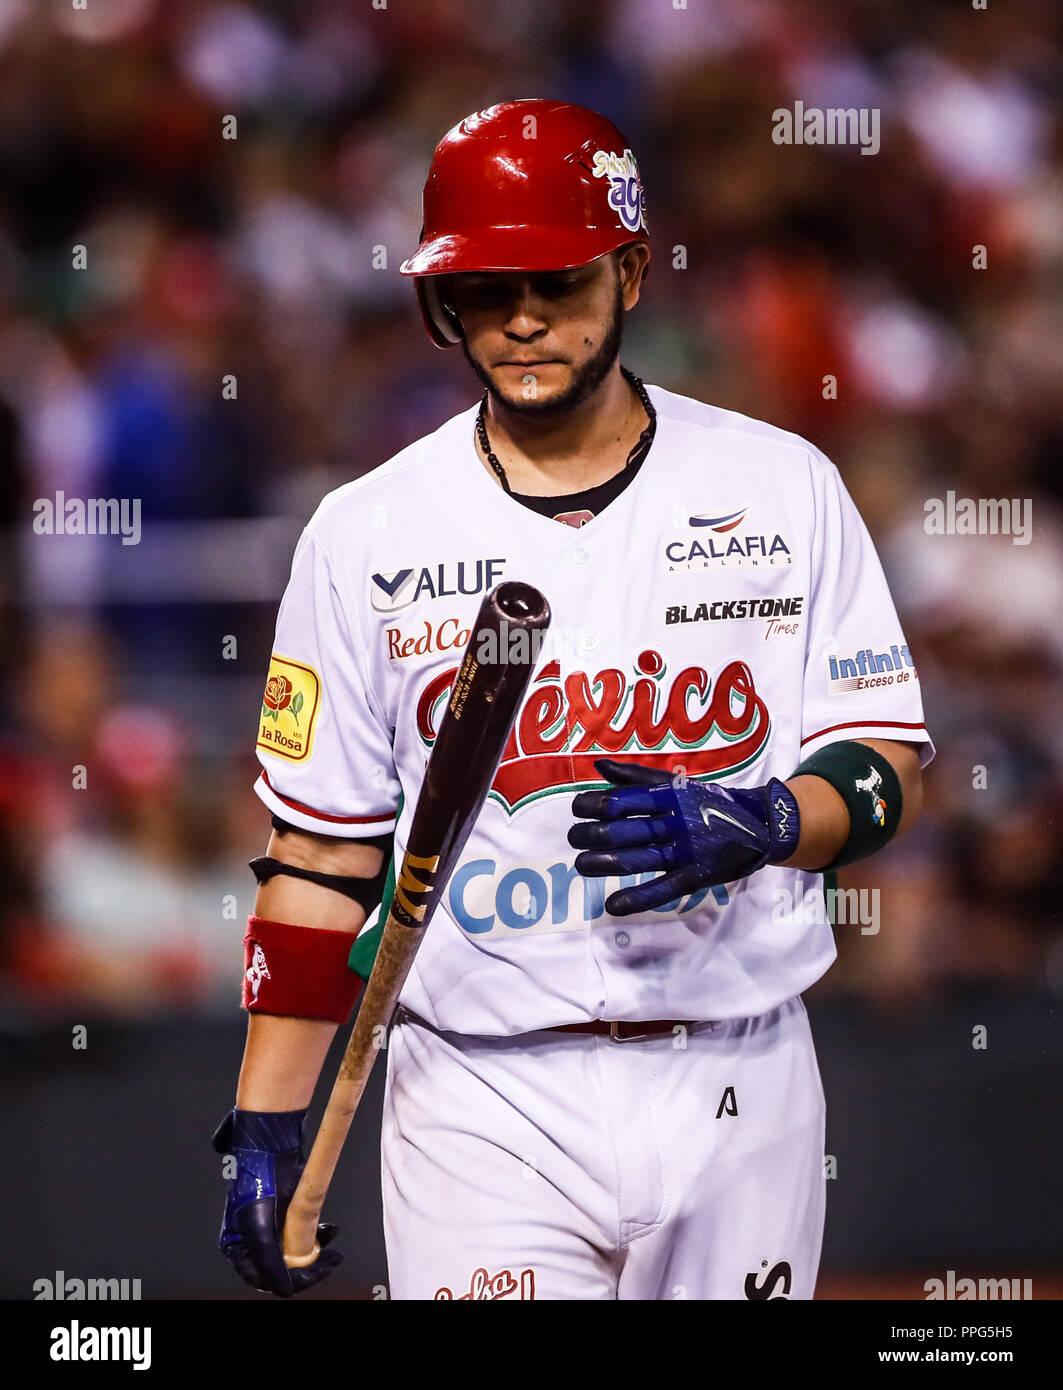 Walter Ibarra.. Acciones, durante el partido de beisbol de la Serie del Caribe con el encuentro entre Tomateros de Culiacan de Mexico contra los Car - Stock Image